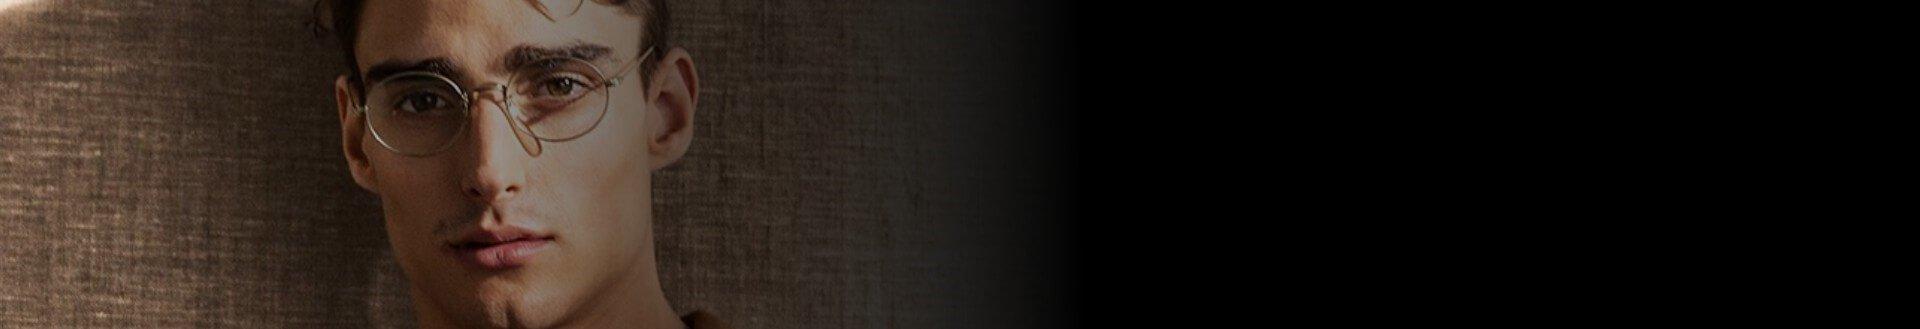 Homem usando óculos Giorgio Armani de grau, redondo e na cor prata